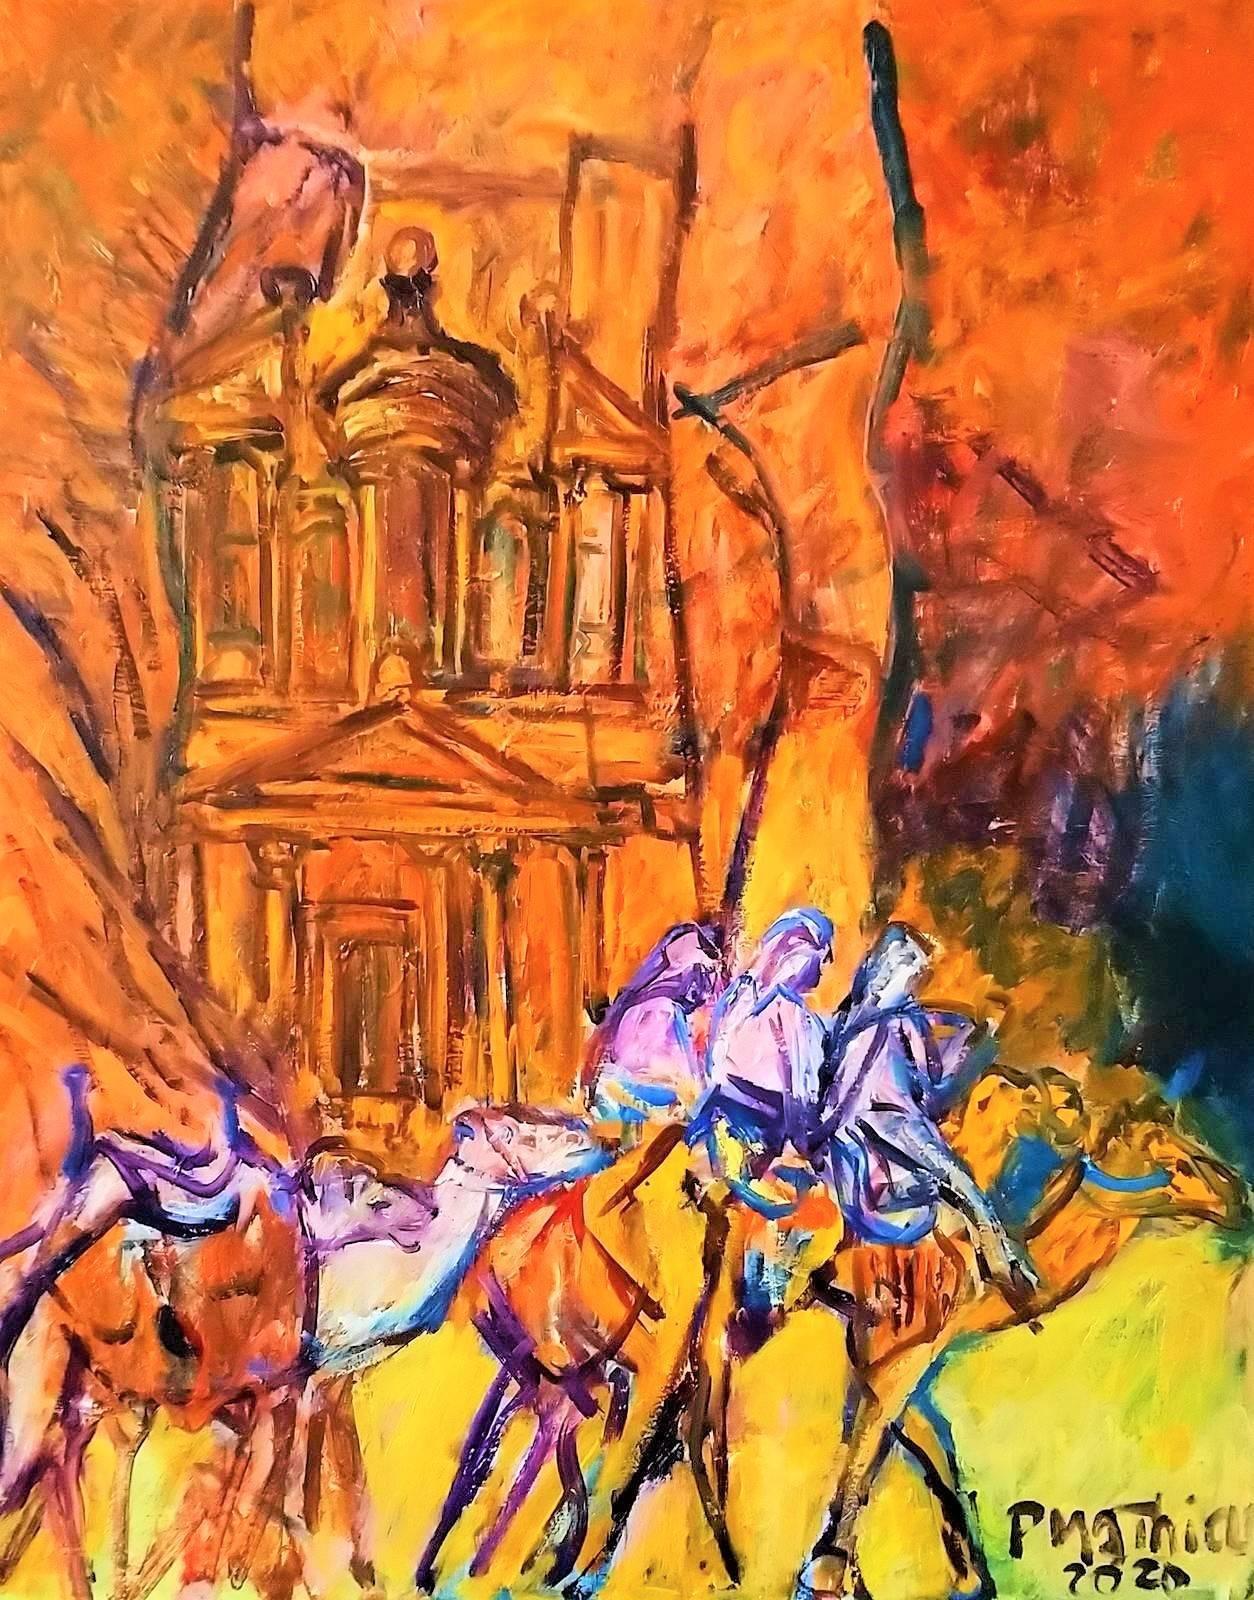 Patrick Mathieu - Artiste Peintre - Toile - Chameliers de Petra